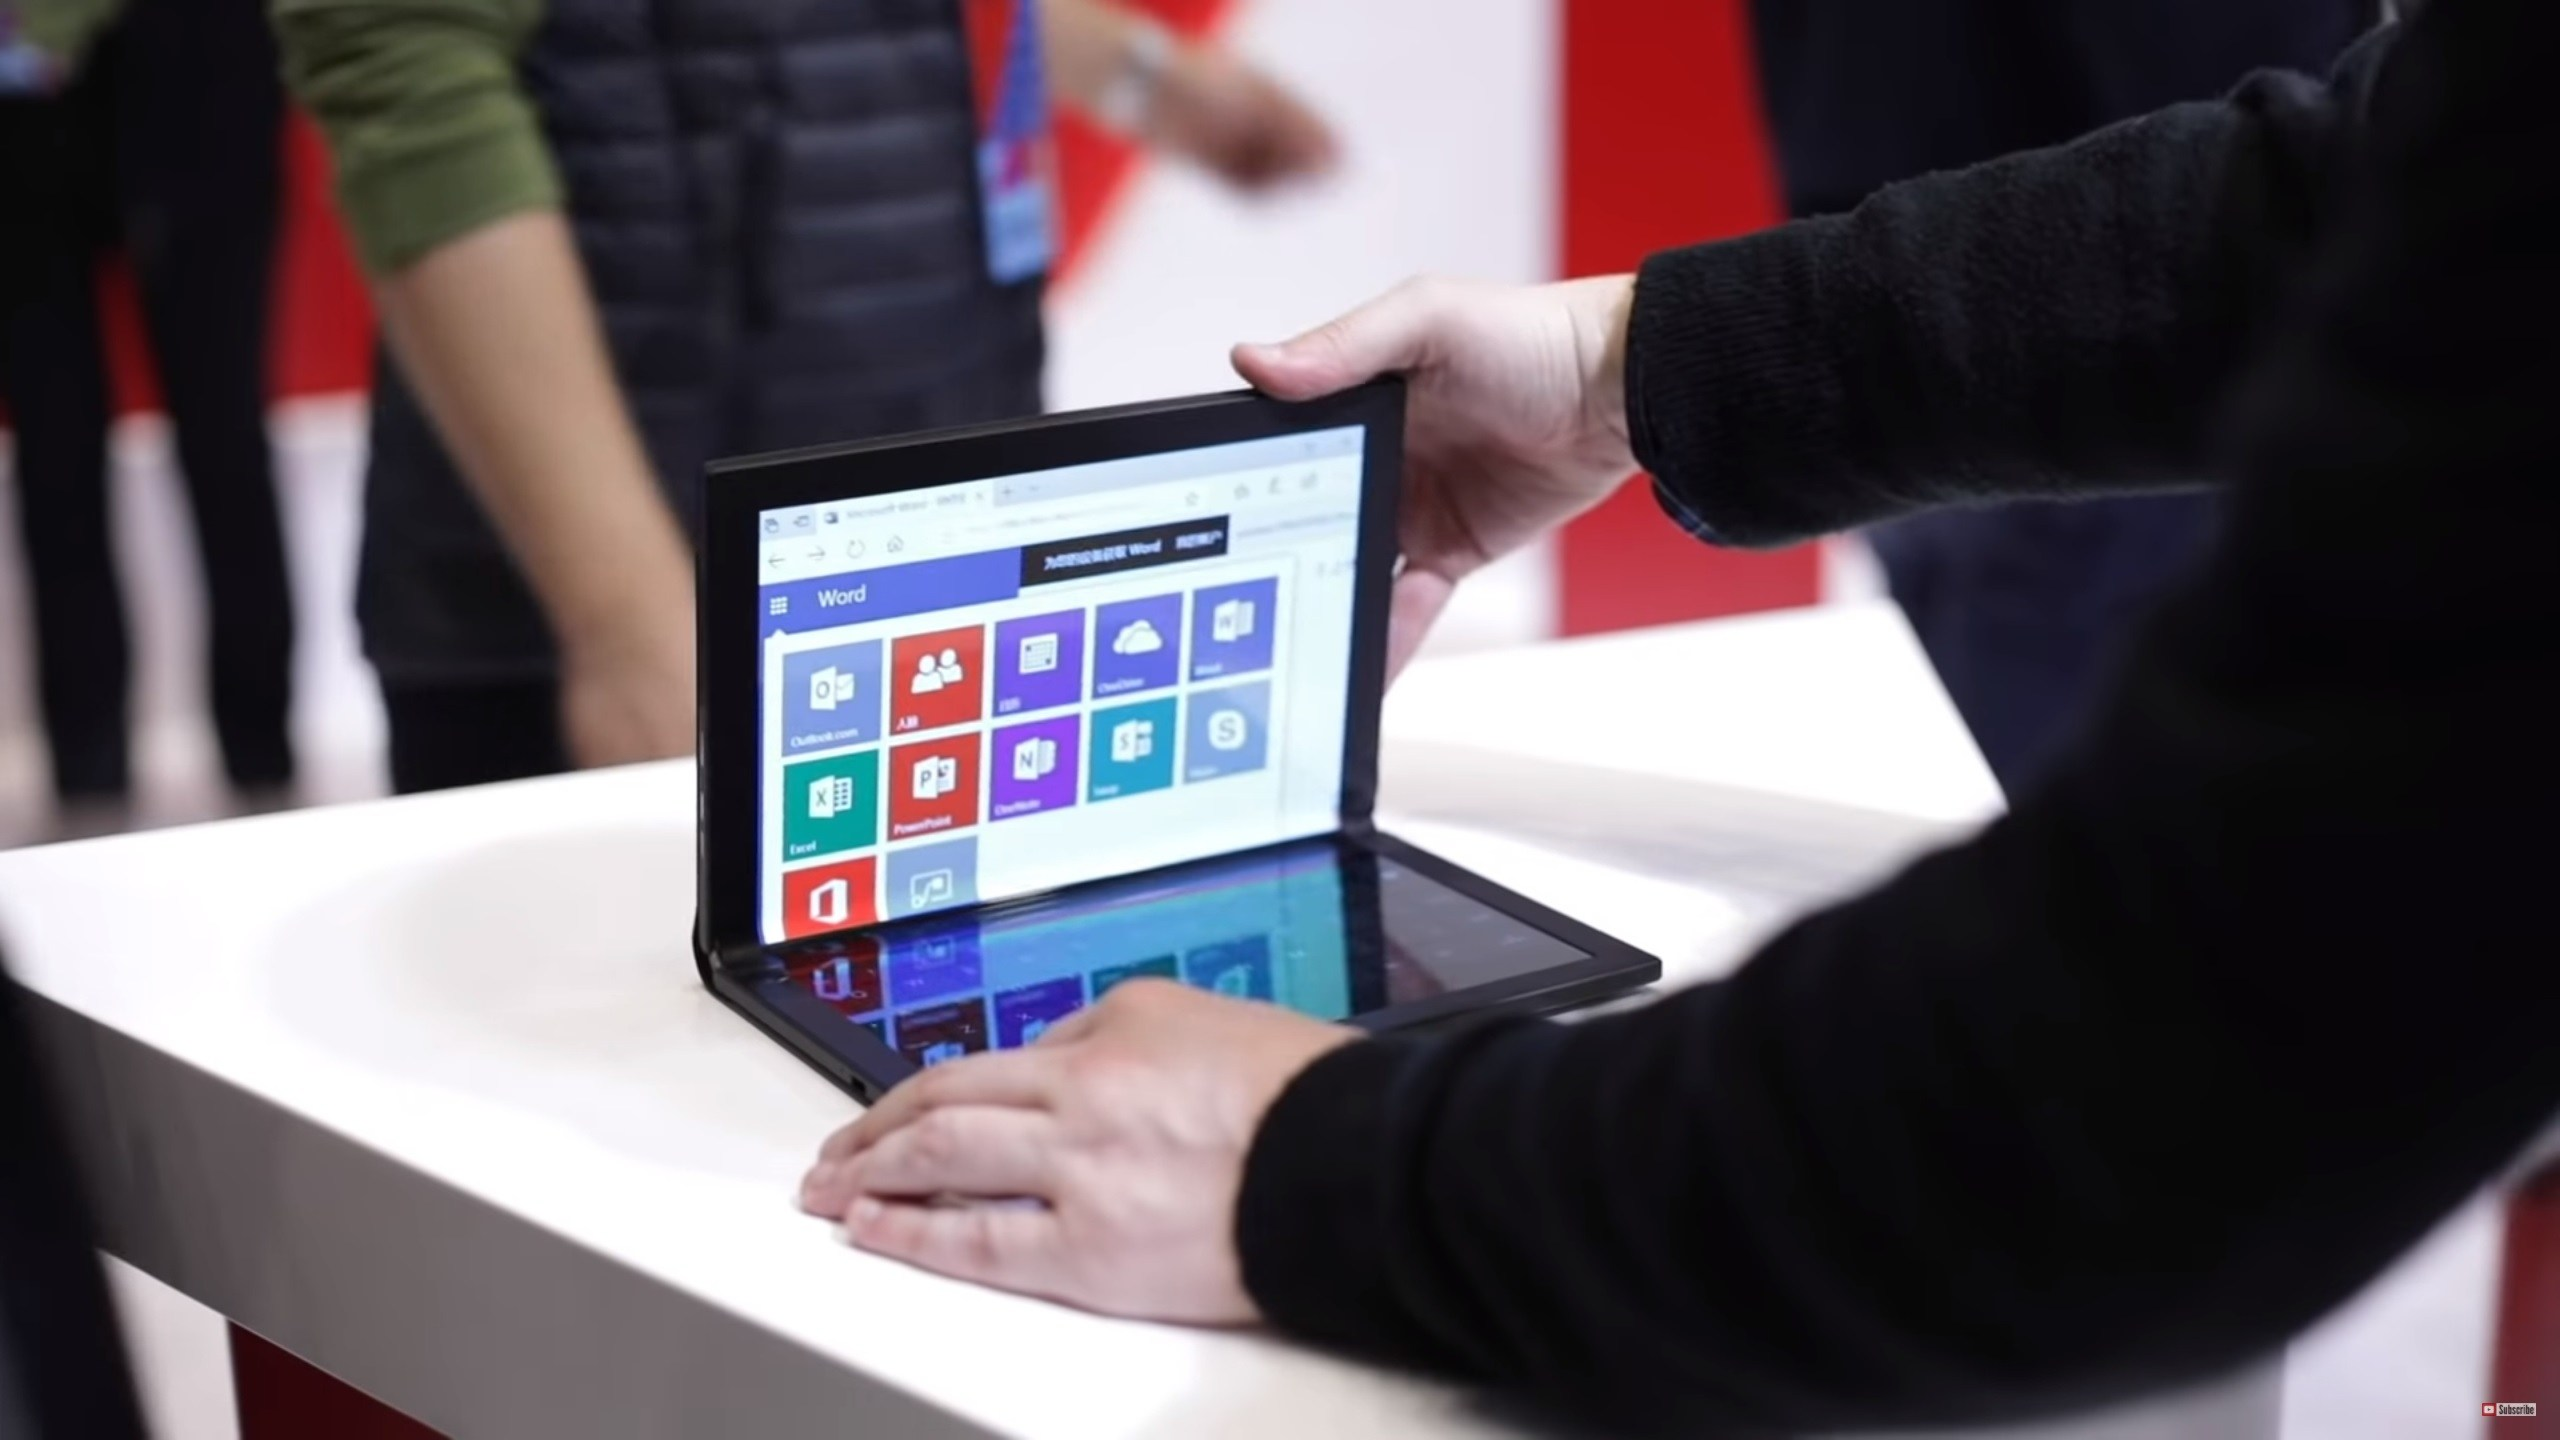 ThinkPad X1 pliable et Project Limitless 5G : Lenovo nous donne des nouvelles du futur